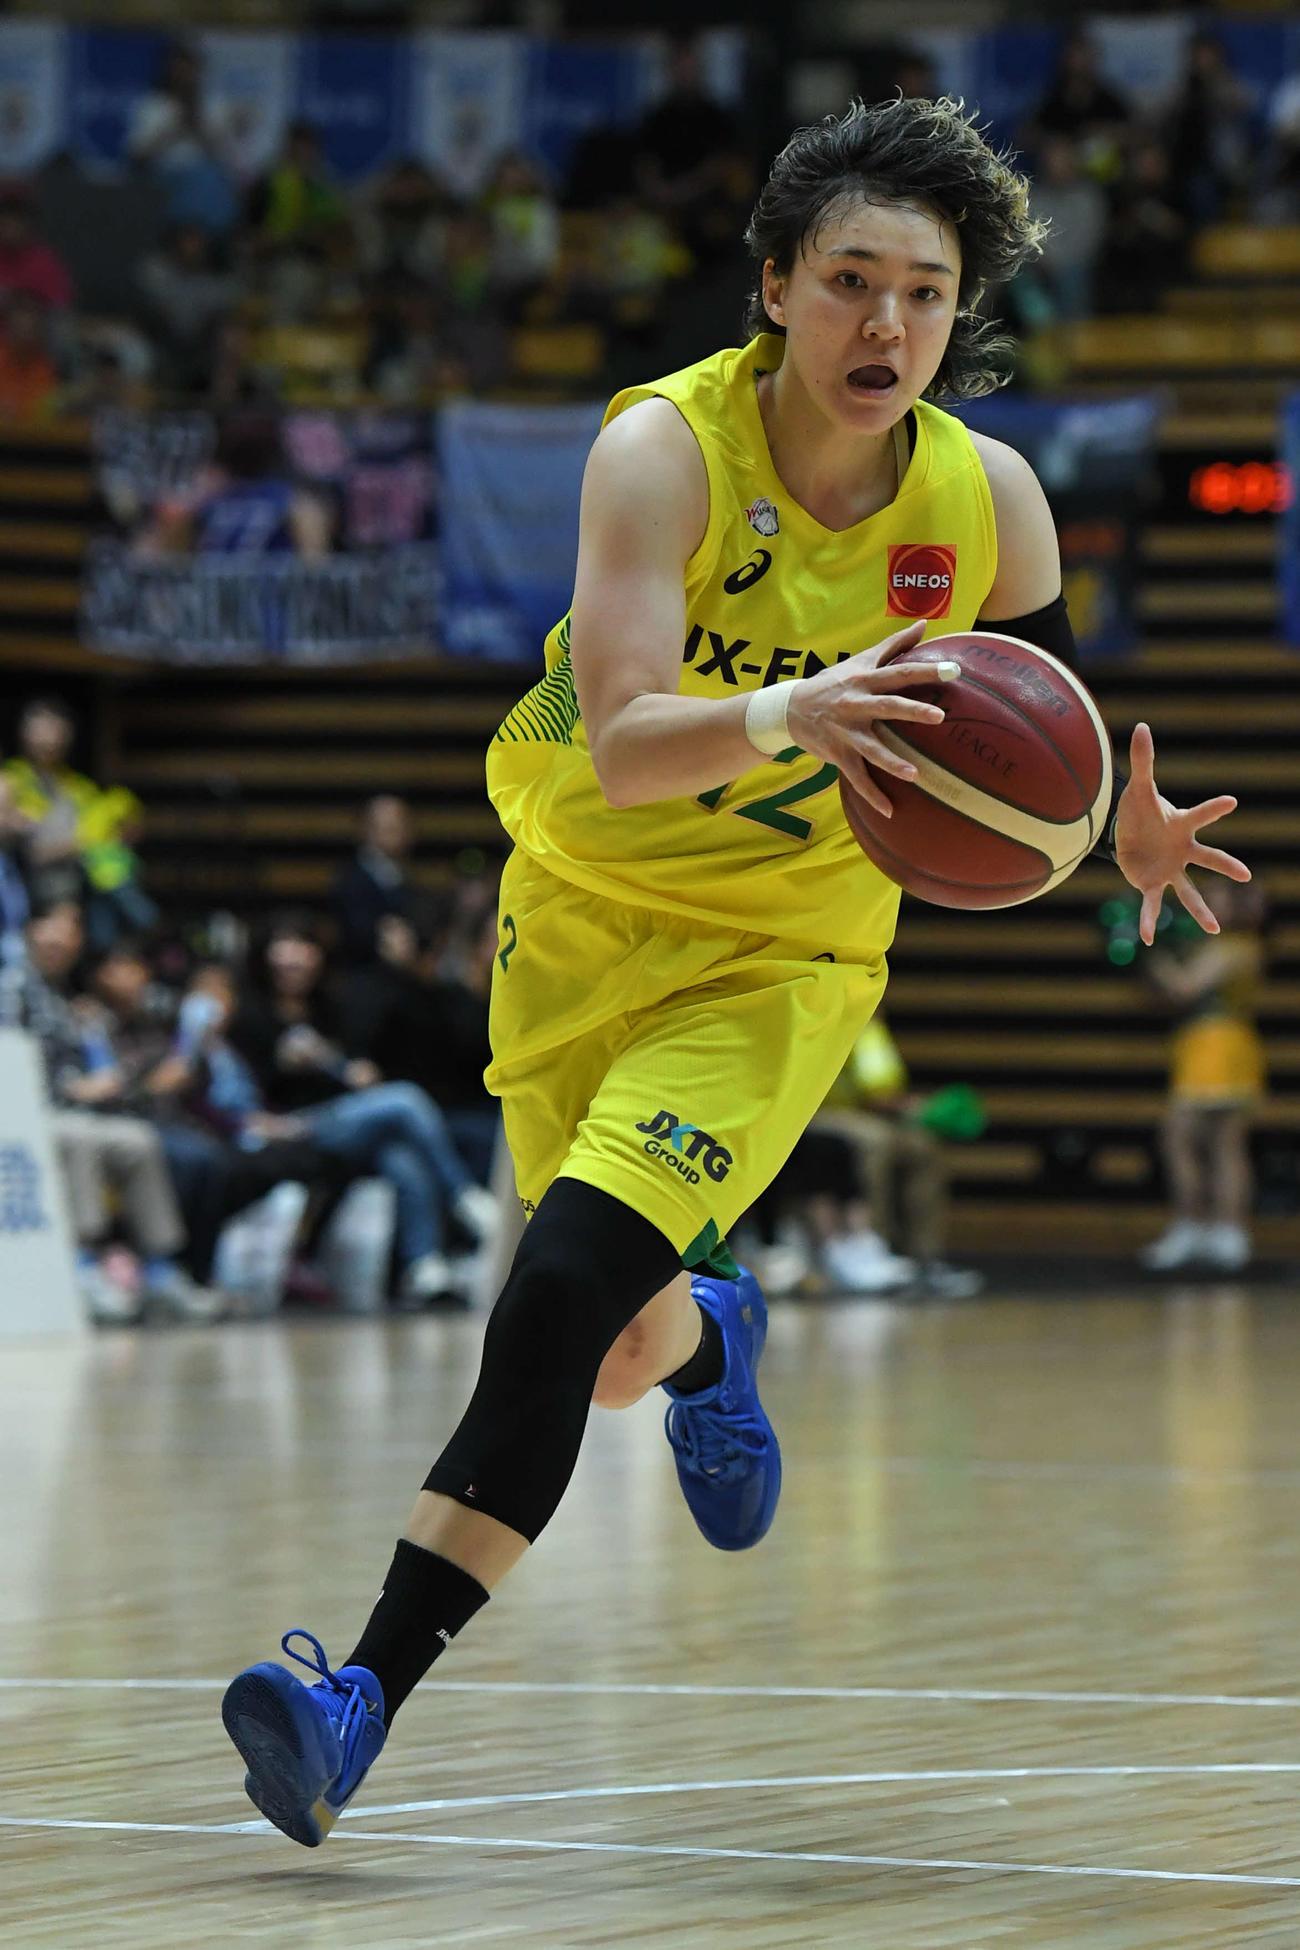 女子バスケットボールWリーグのJX-ENEOSを退団した日本代表候補の吉田(C)Wリーグ